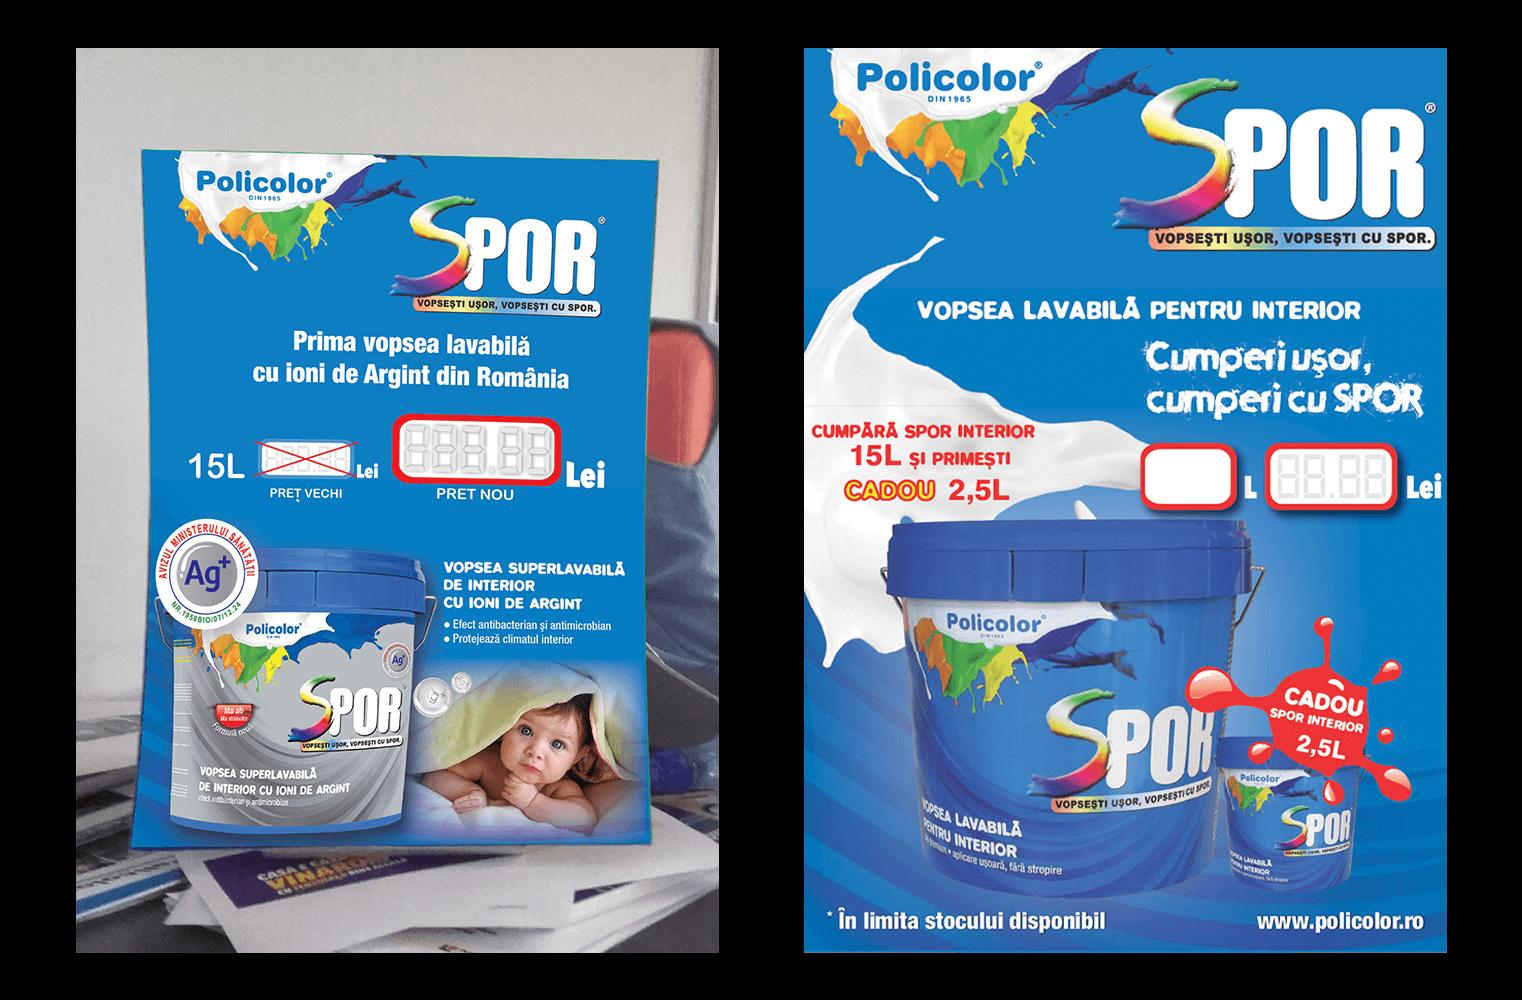 policolor_spor-ad-2